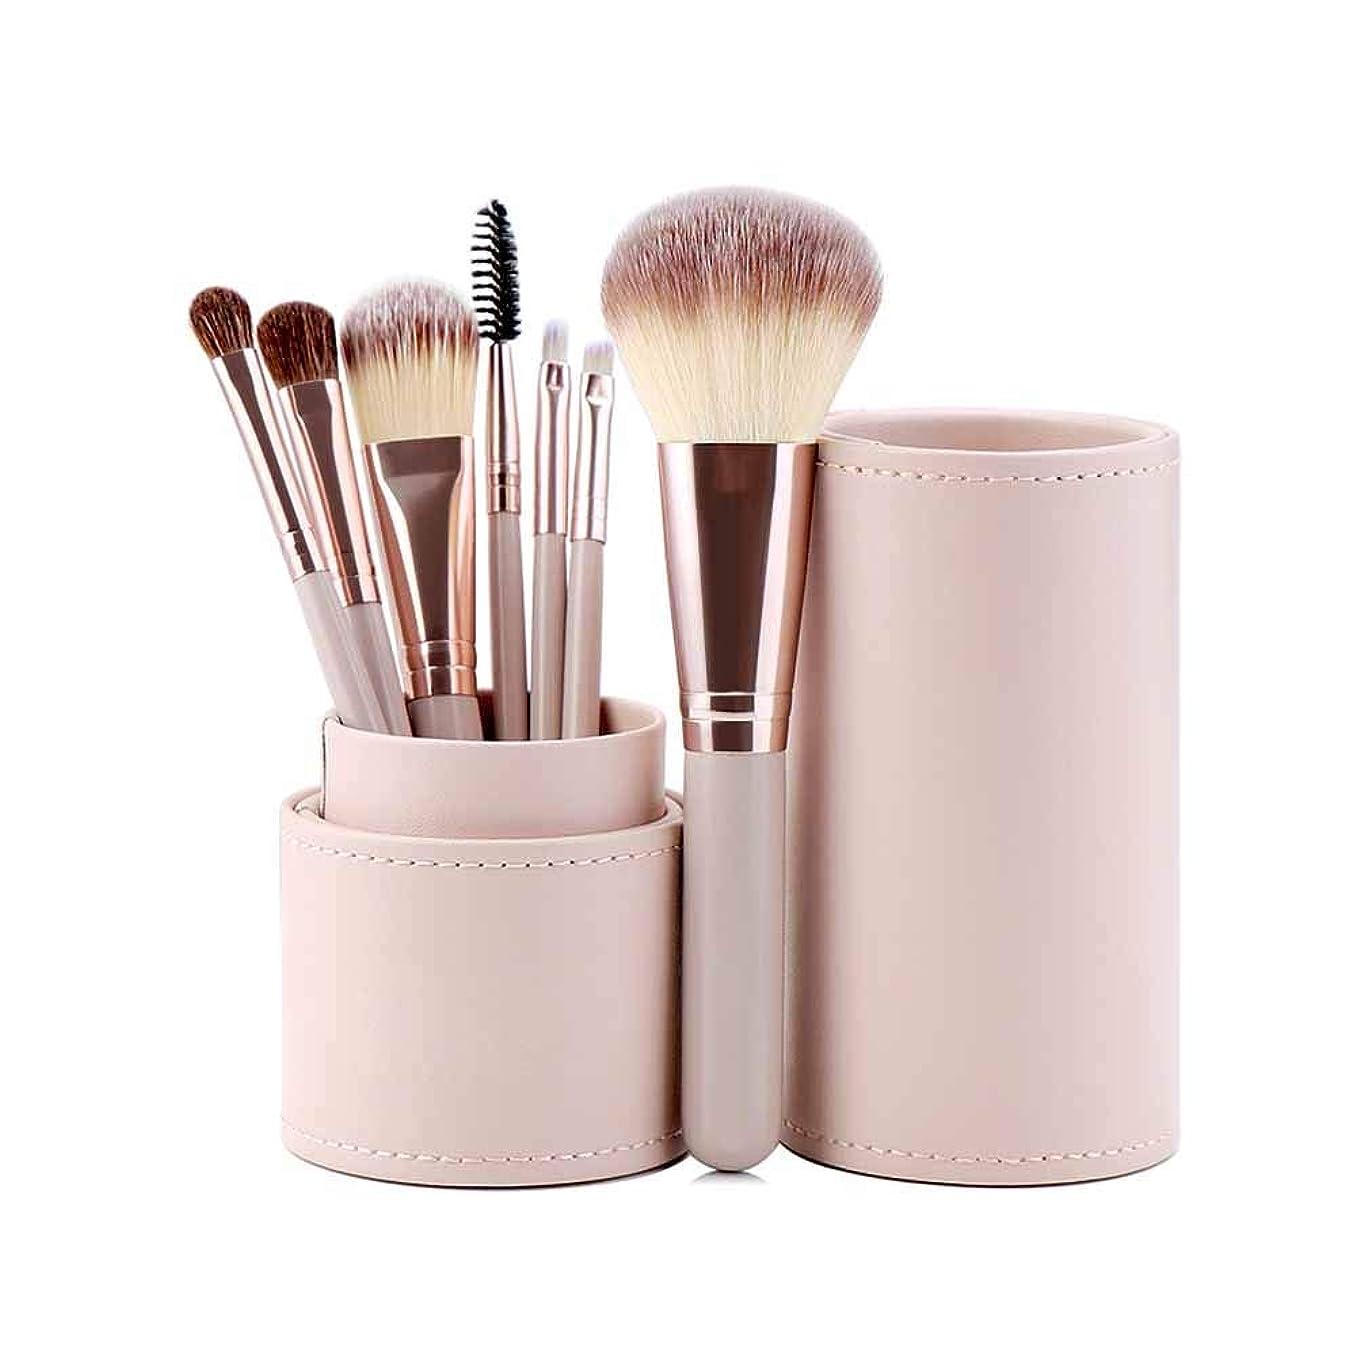 ばかげているオーガニック戦術Gaoxingbianlidian001 化粧ブラシ、7化粧ブラシセット、初心者用プロメイクアップキット、ブラシチューブ付き、持ち運びが簡単,便利な化粧 (Color : Pink)